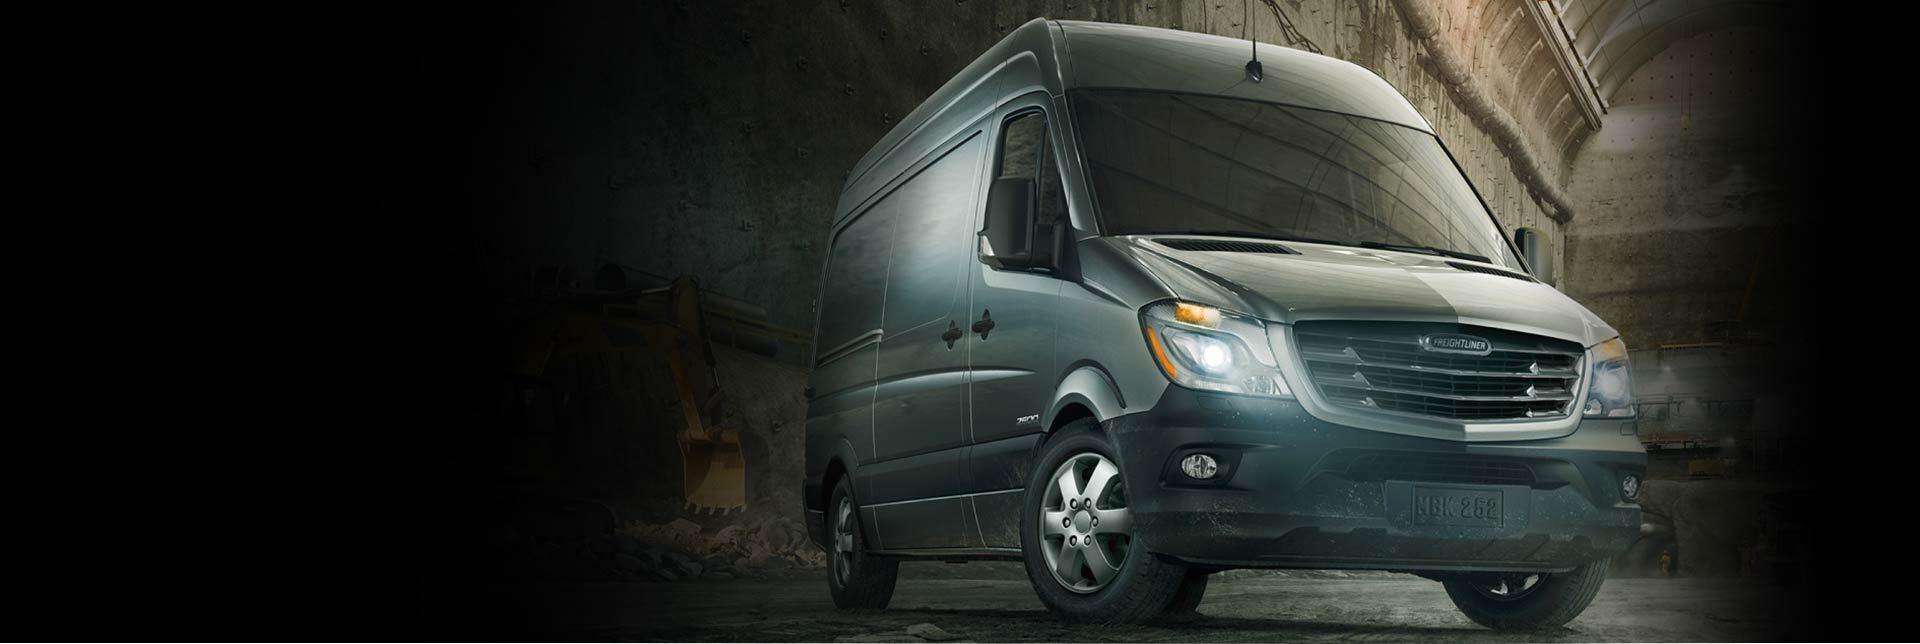 Sprinter Vans Thor Rvs Mccoy Freightliner Portland Oregon Dodge Fuel Filters Deals That Work As Hard You Do